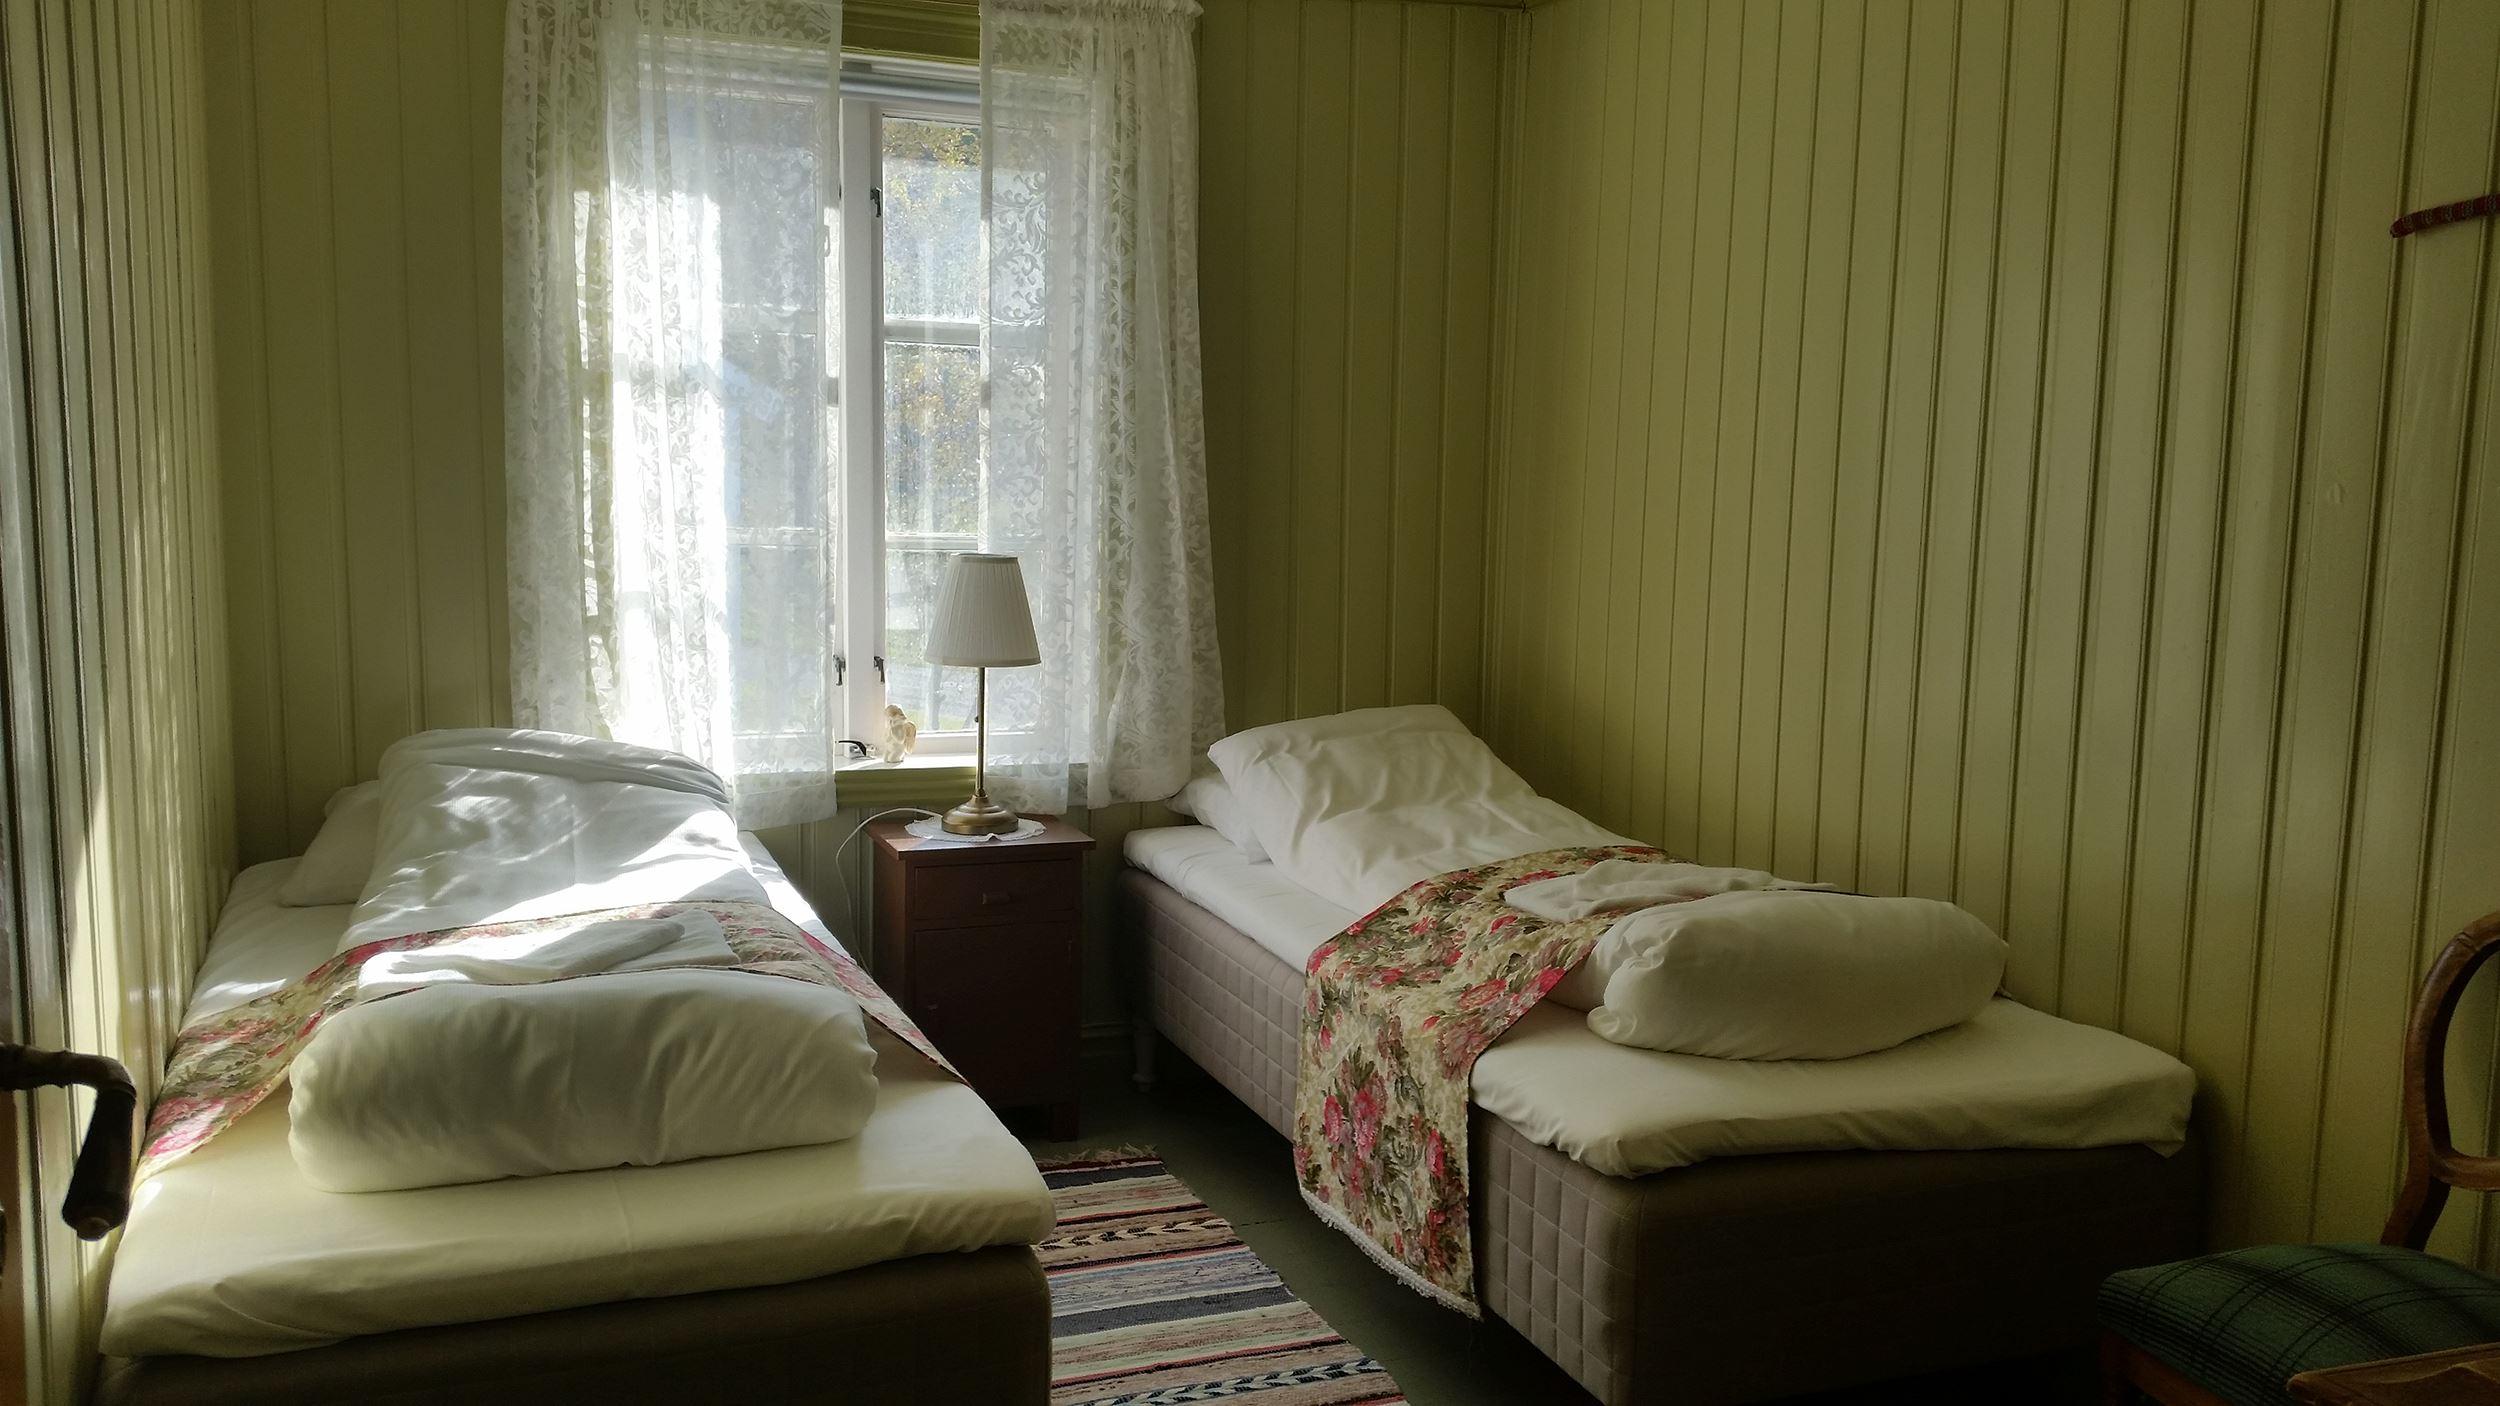 Vevelstad Gjestegård (guesthouse)